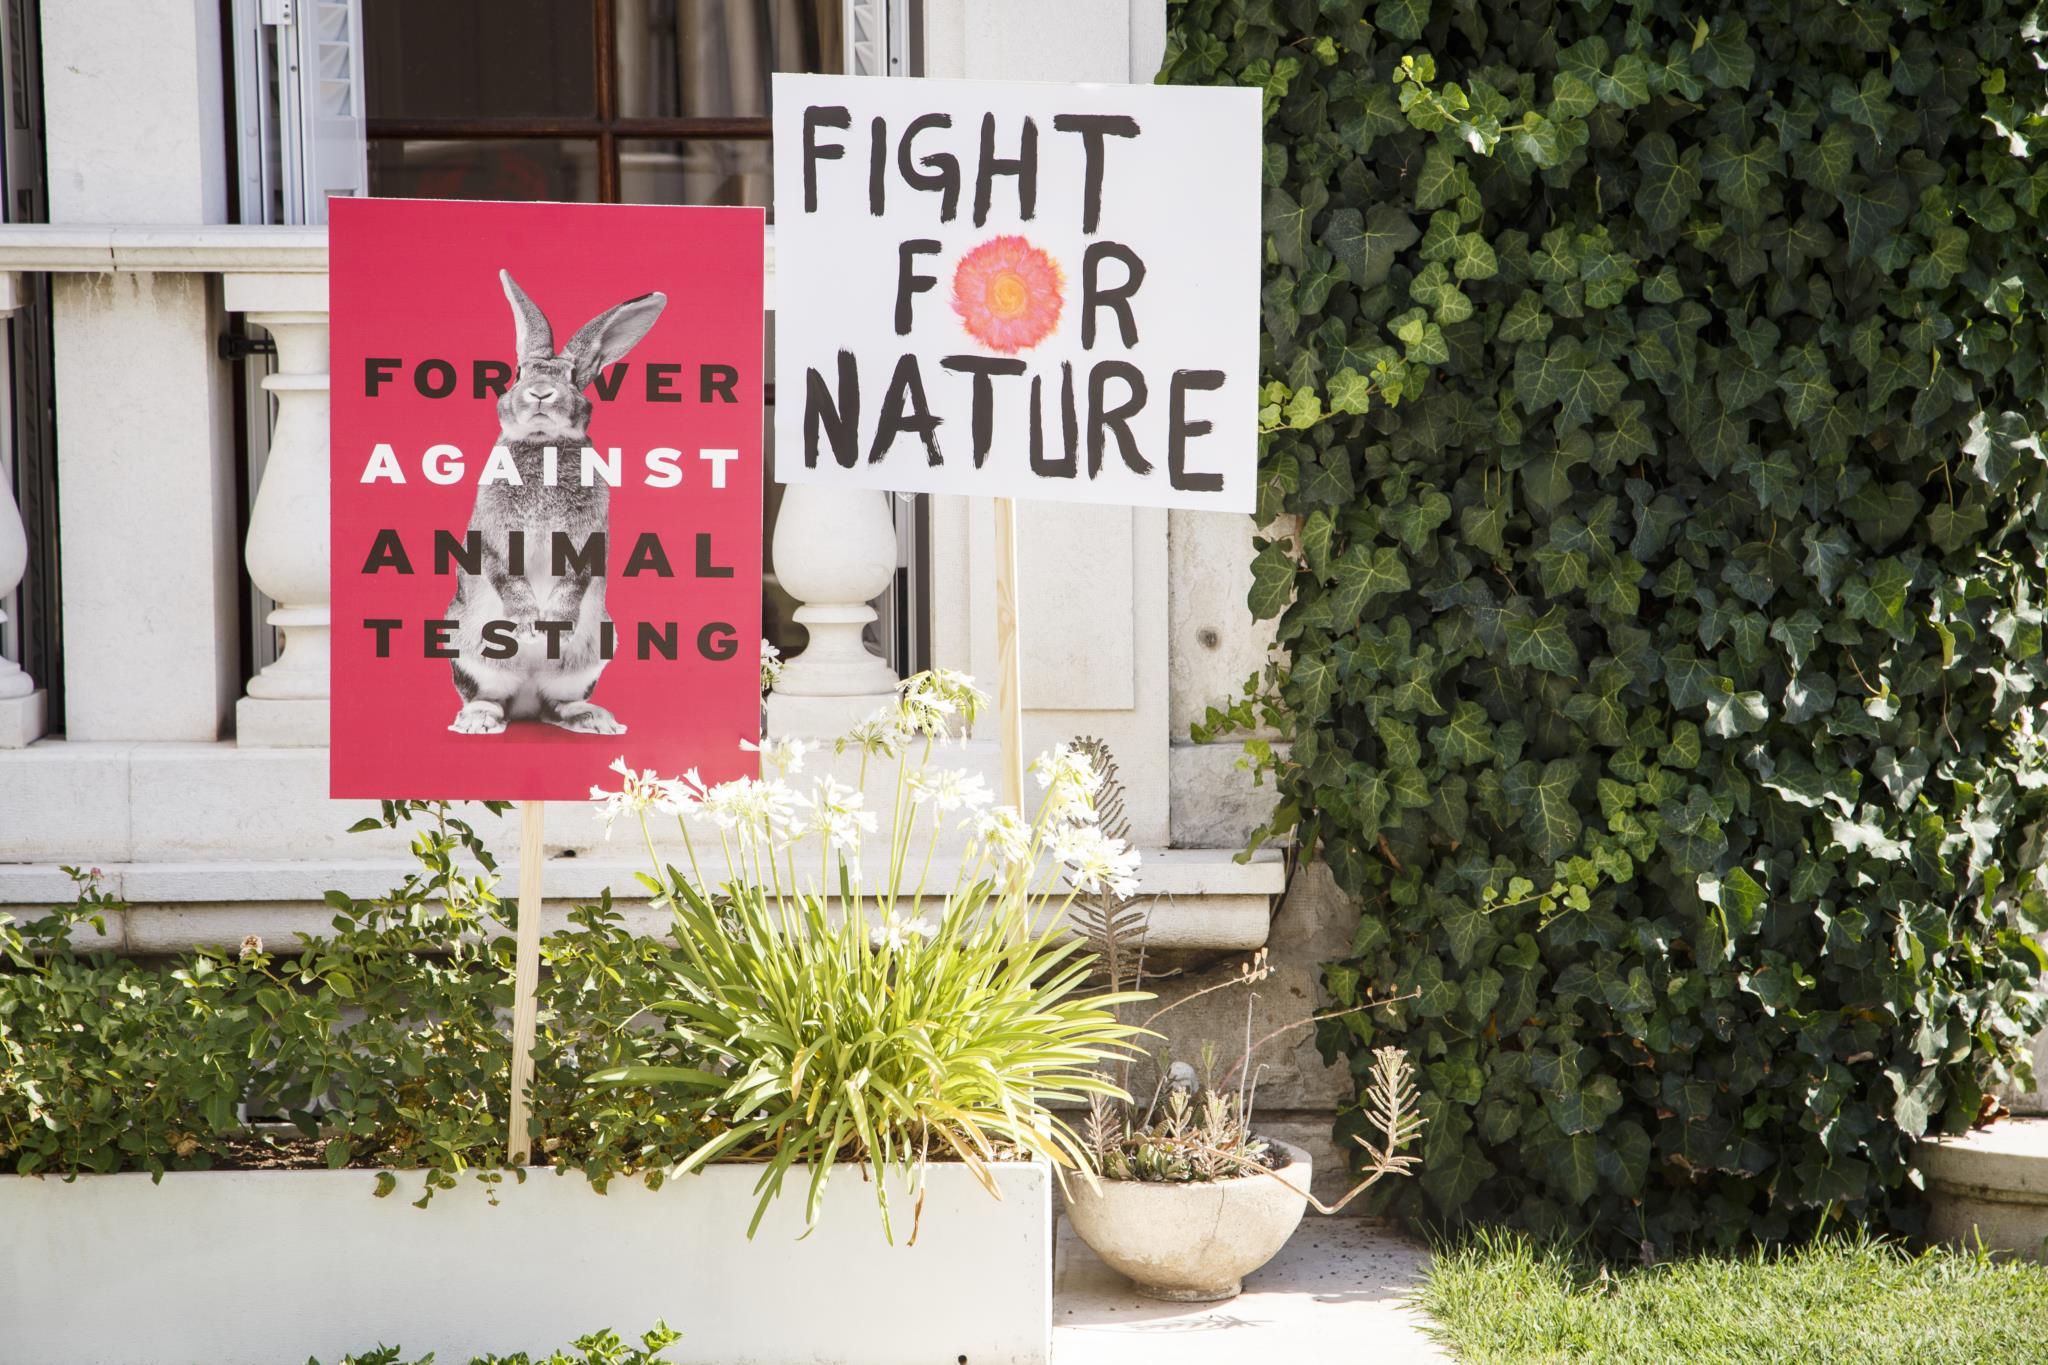 Acabar com testes em animais? São precisas oito milhões de assinaturas